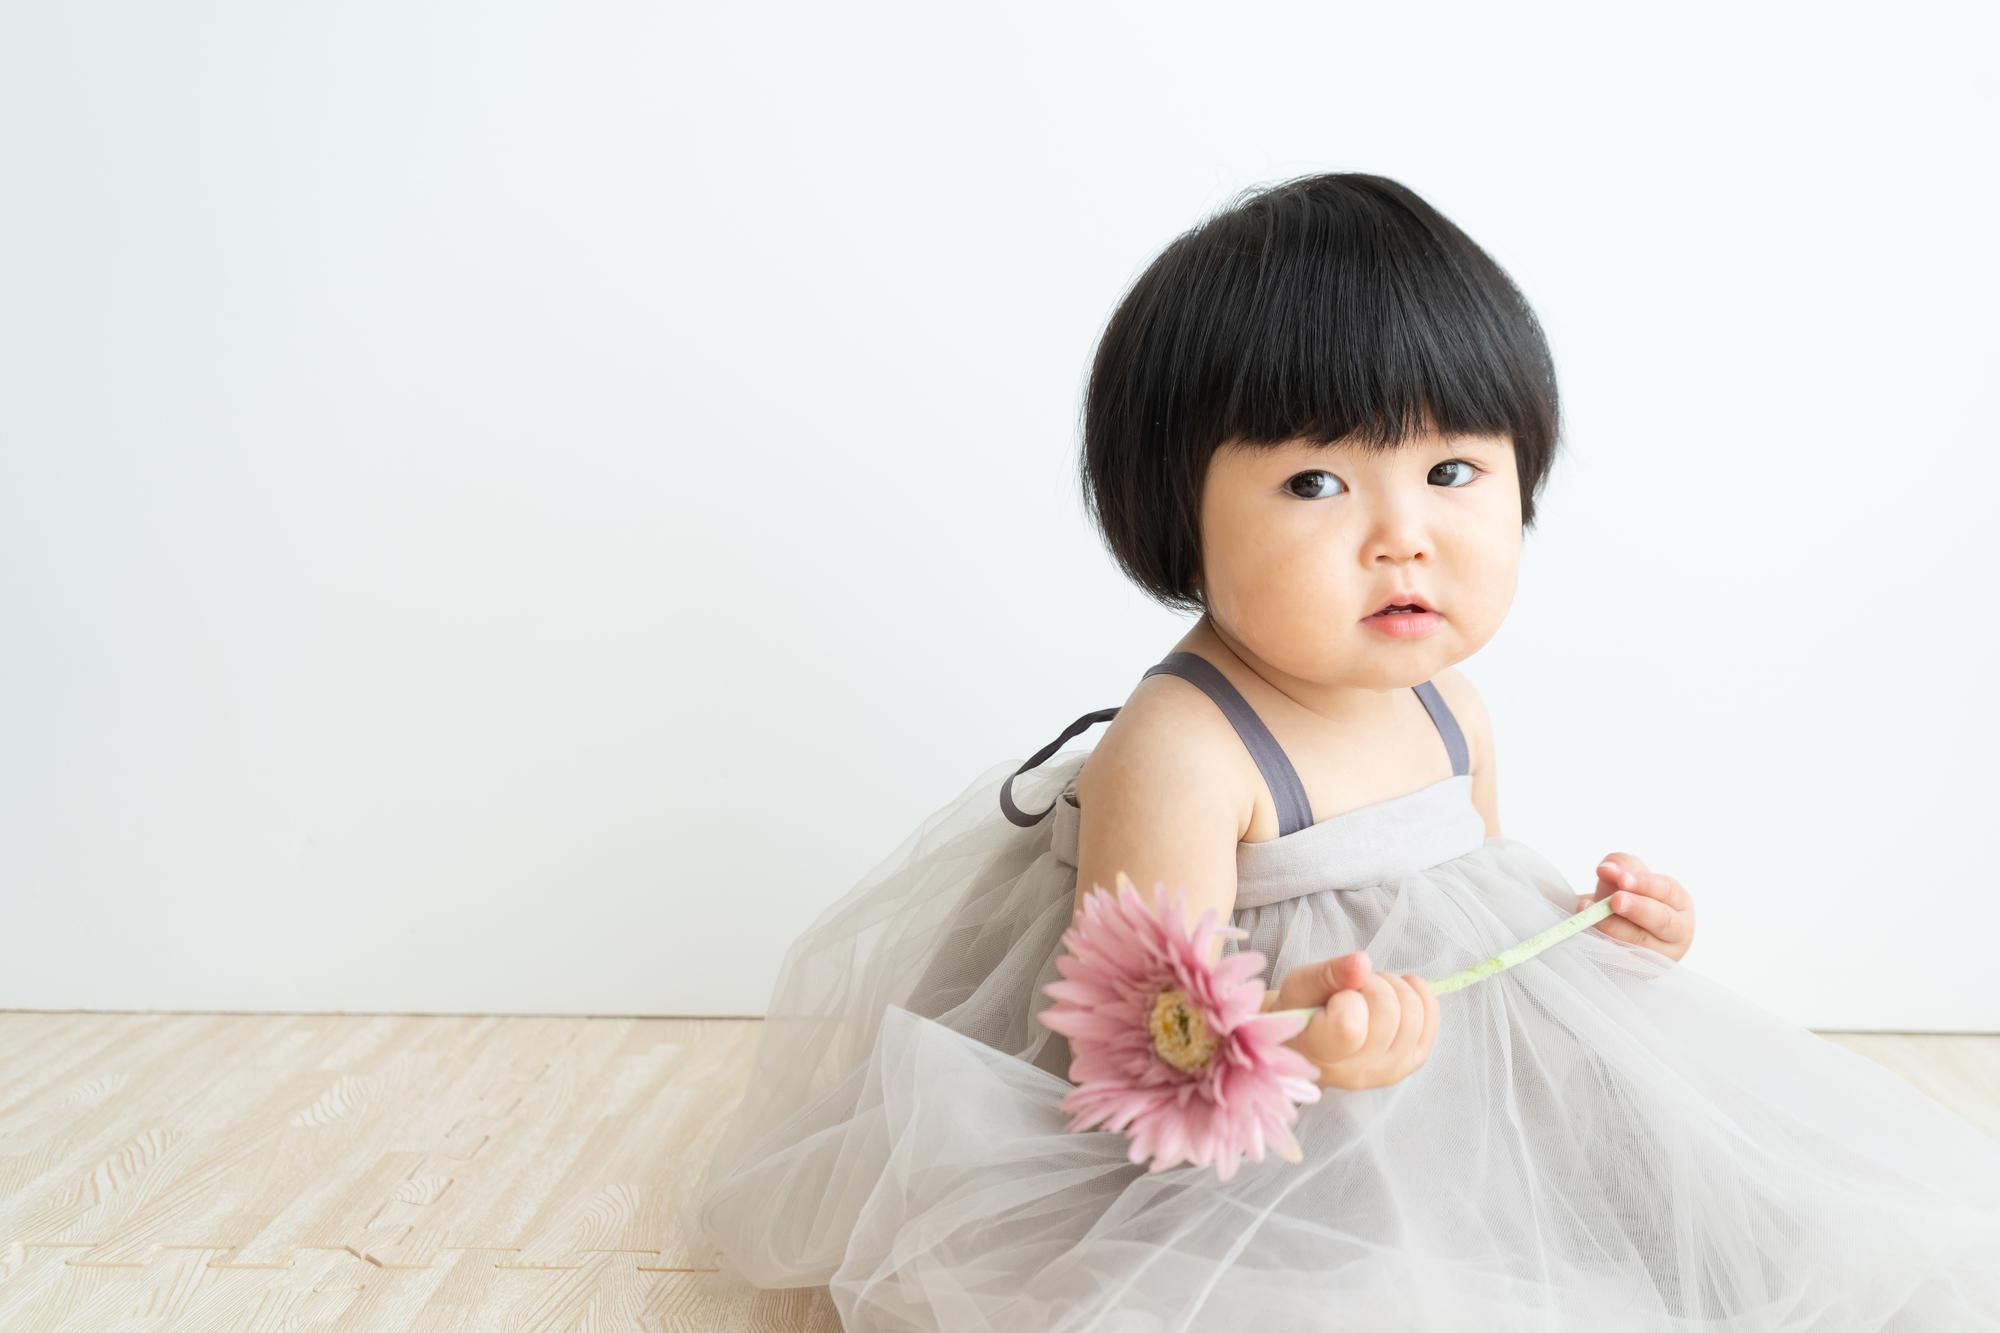 ドレスの女の子